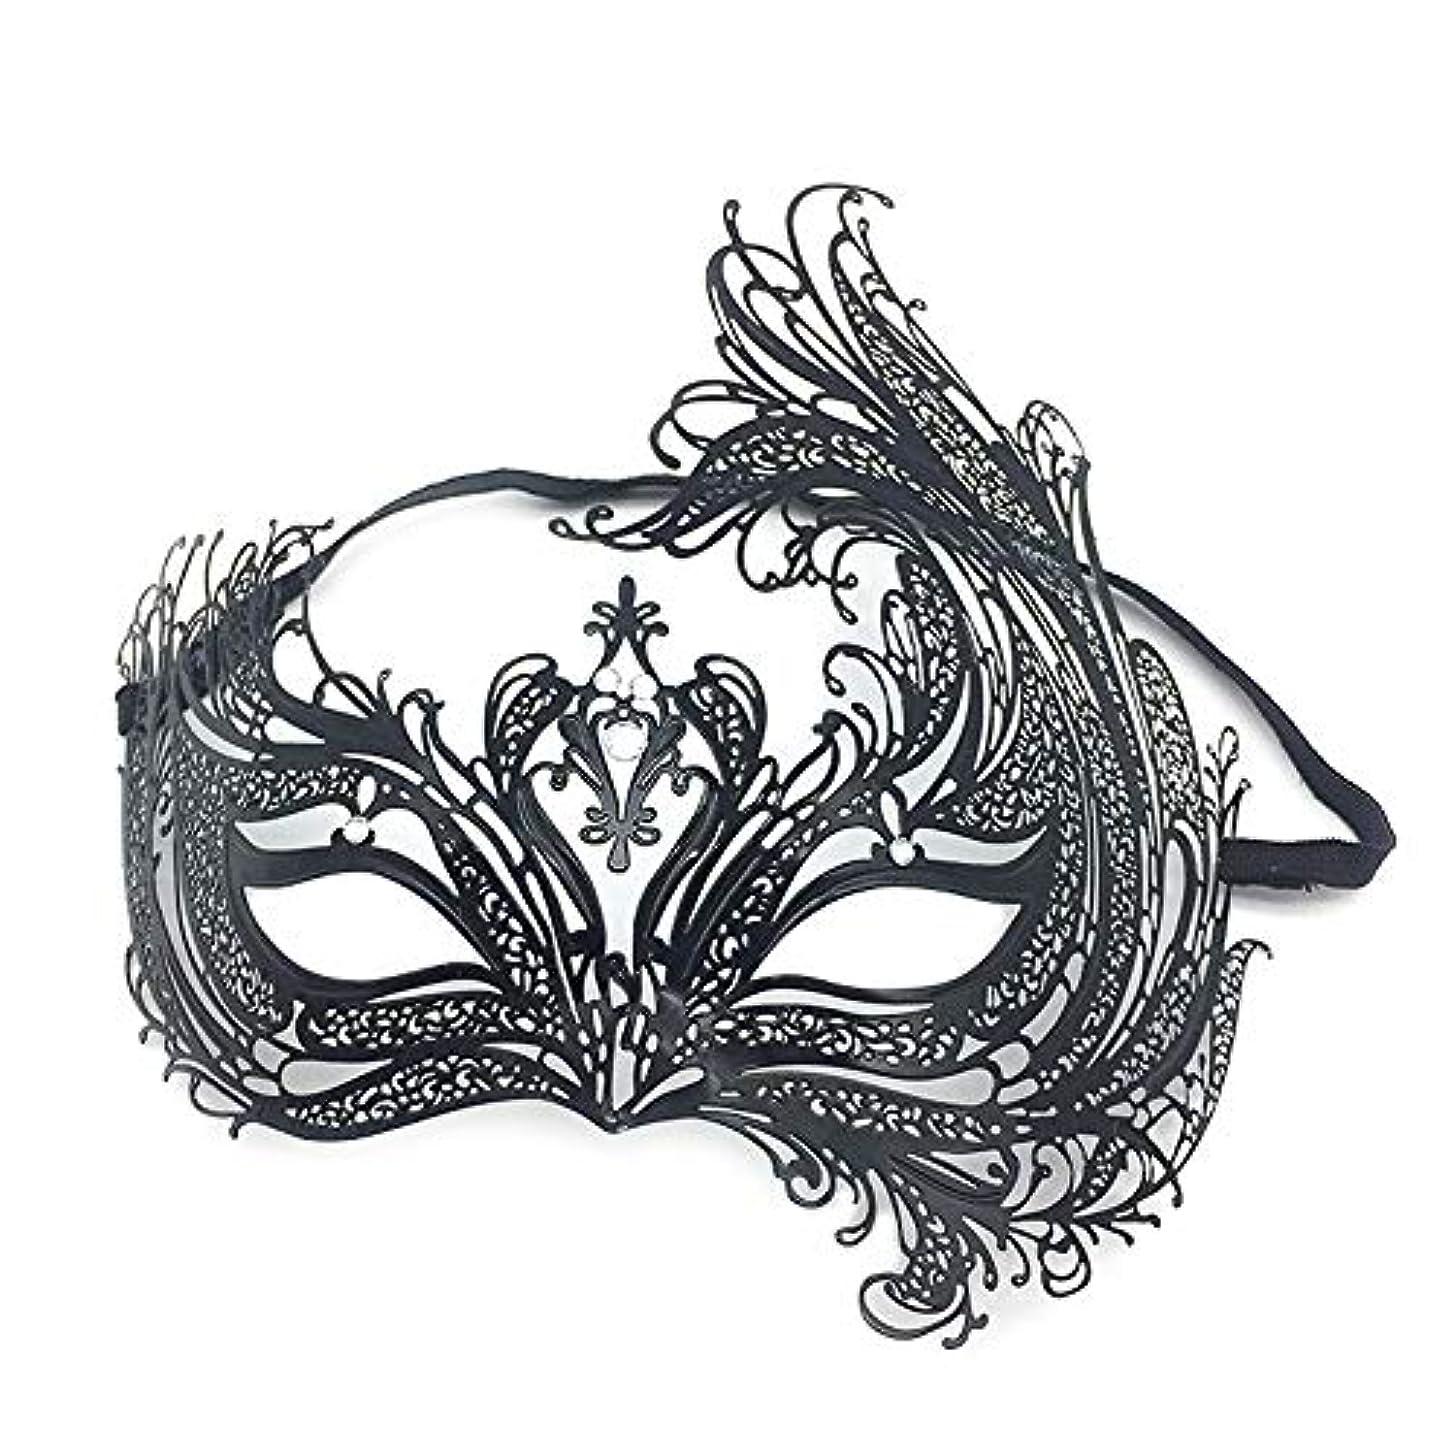 データベース不確実長いですハロウィンマスクメタルダイヤモンドマスカレードマスクパーティーブラックセクシーなハーフフェイスフェニックスマスク